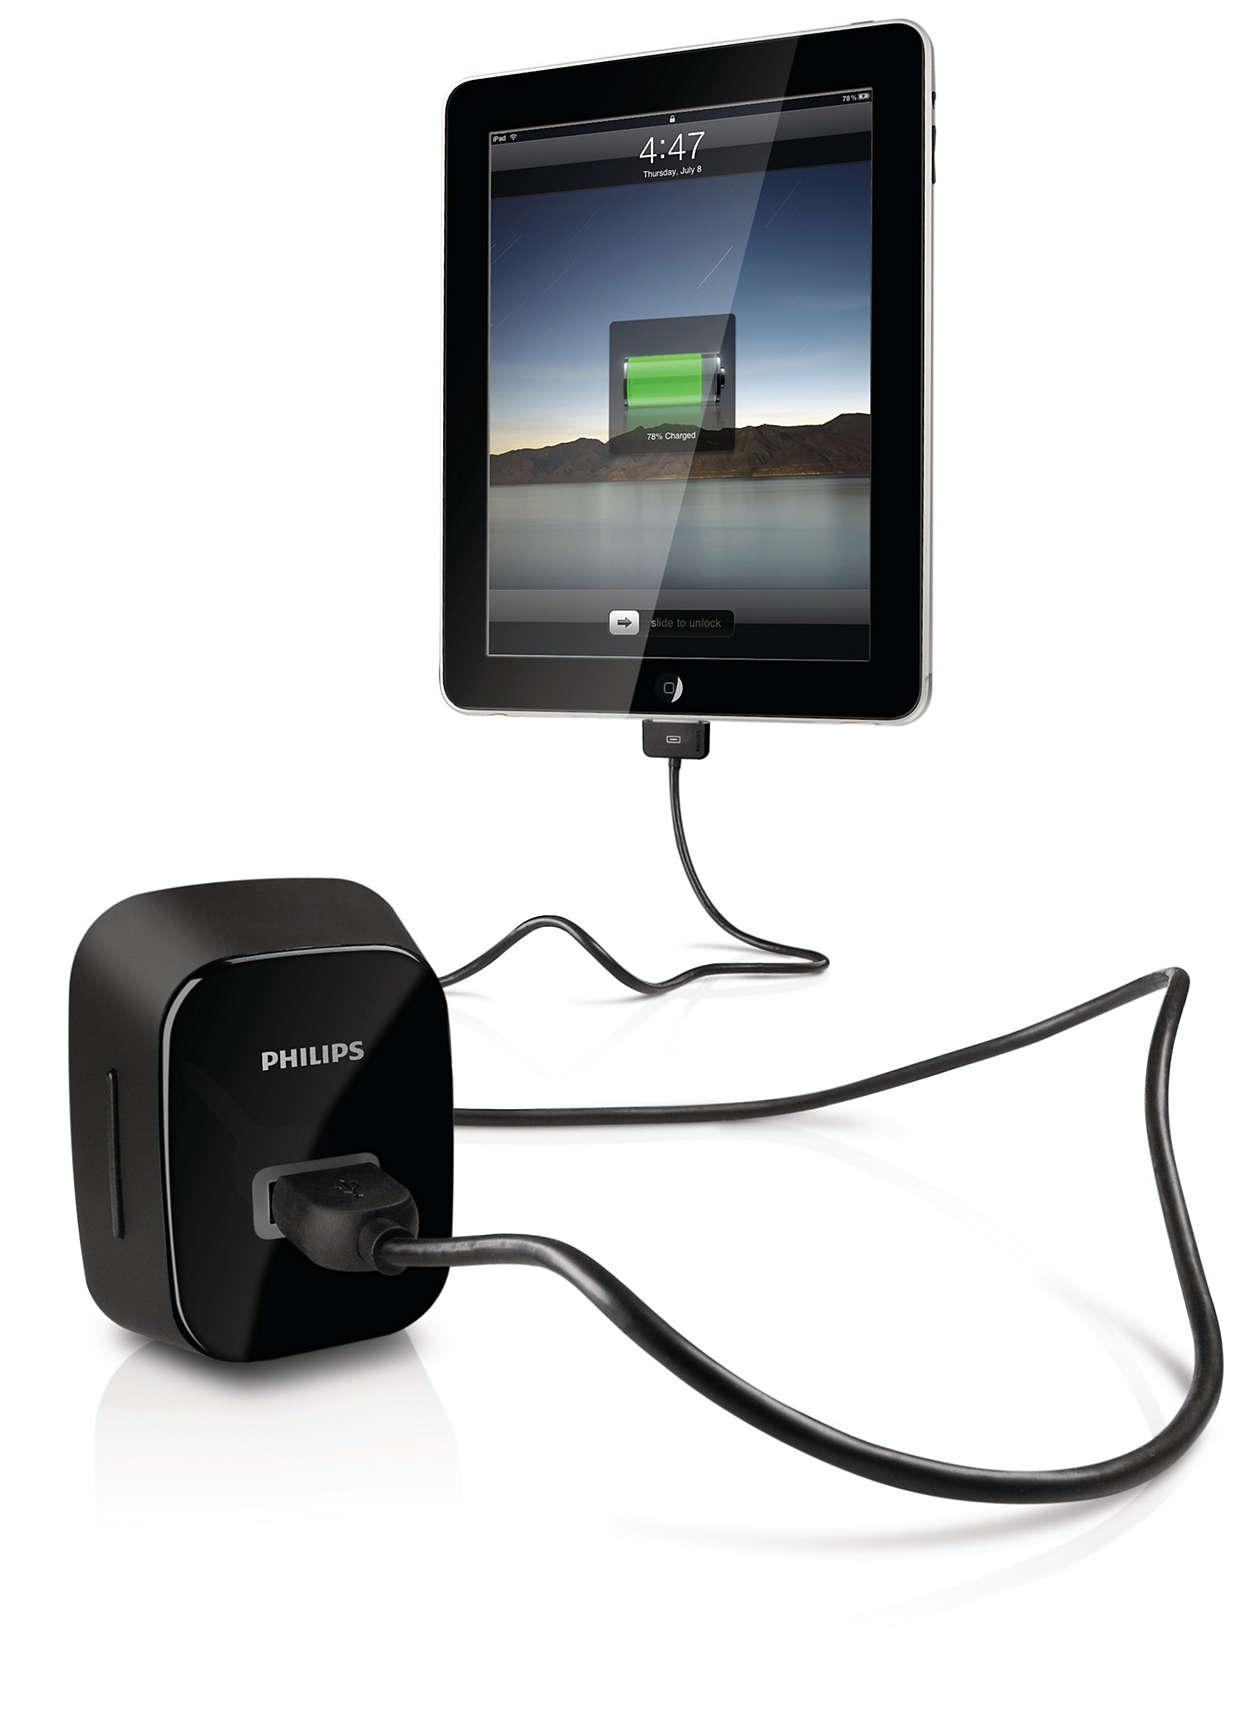 Зарядка iPad, iPhone и iPod